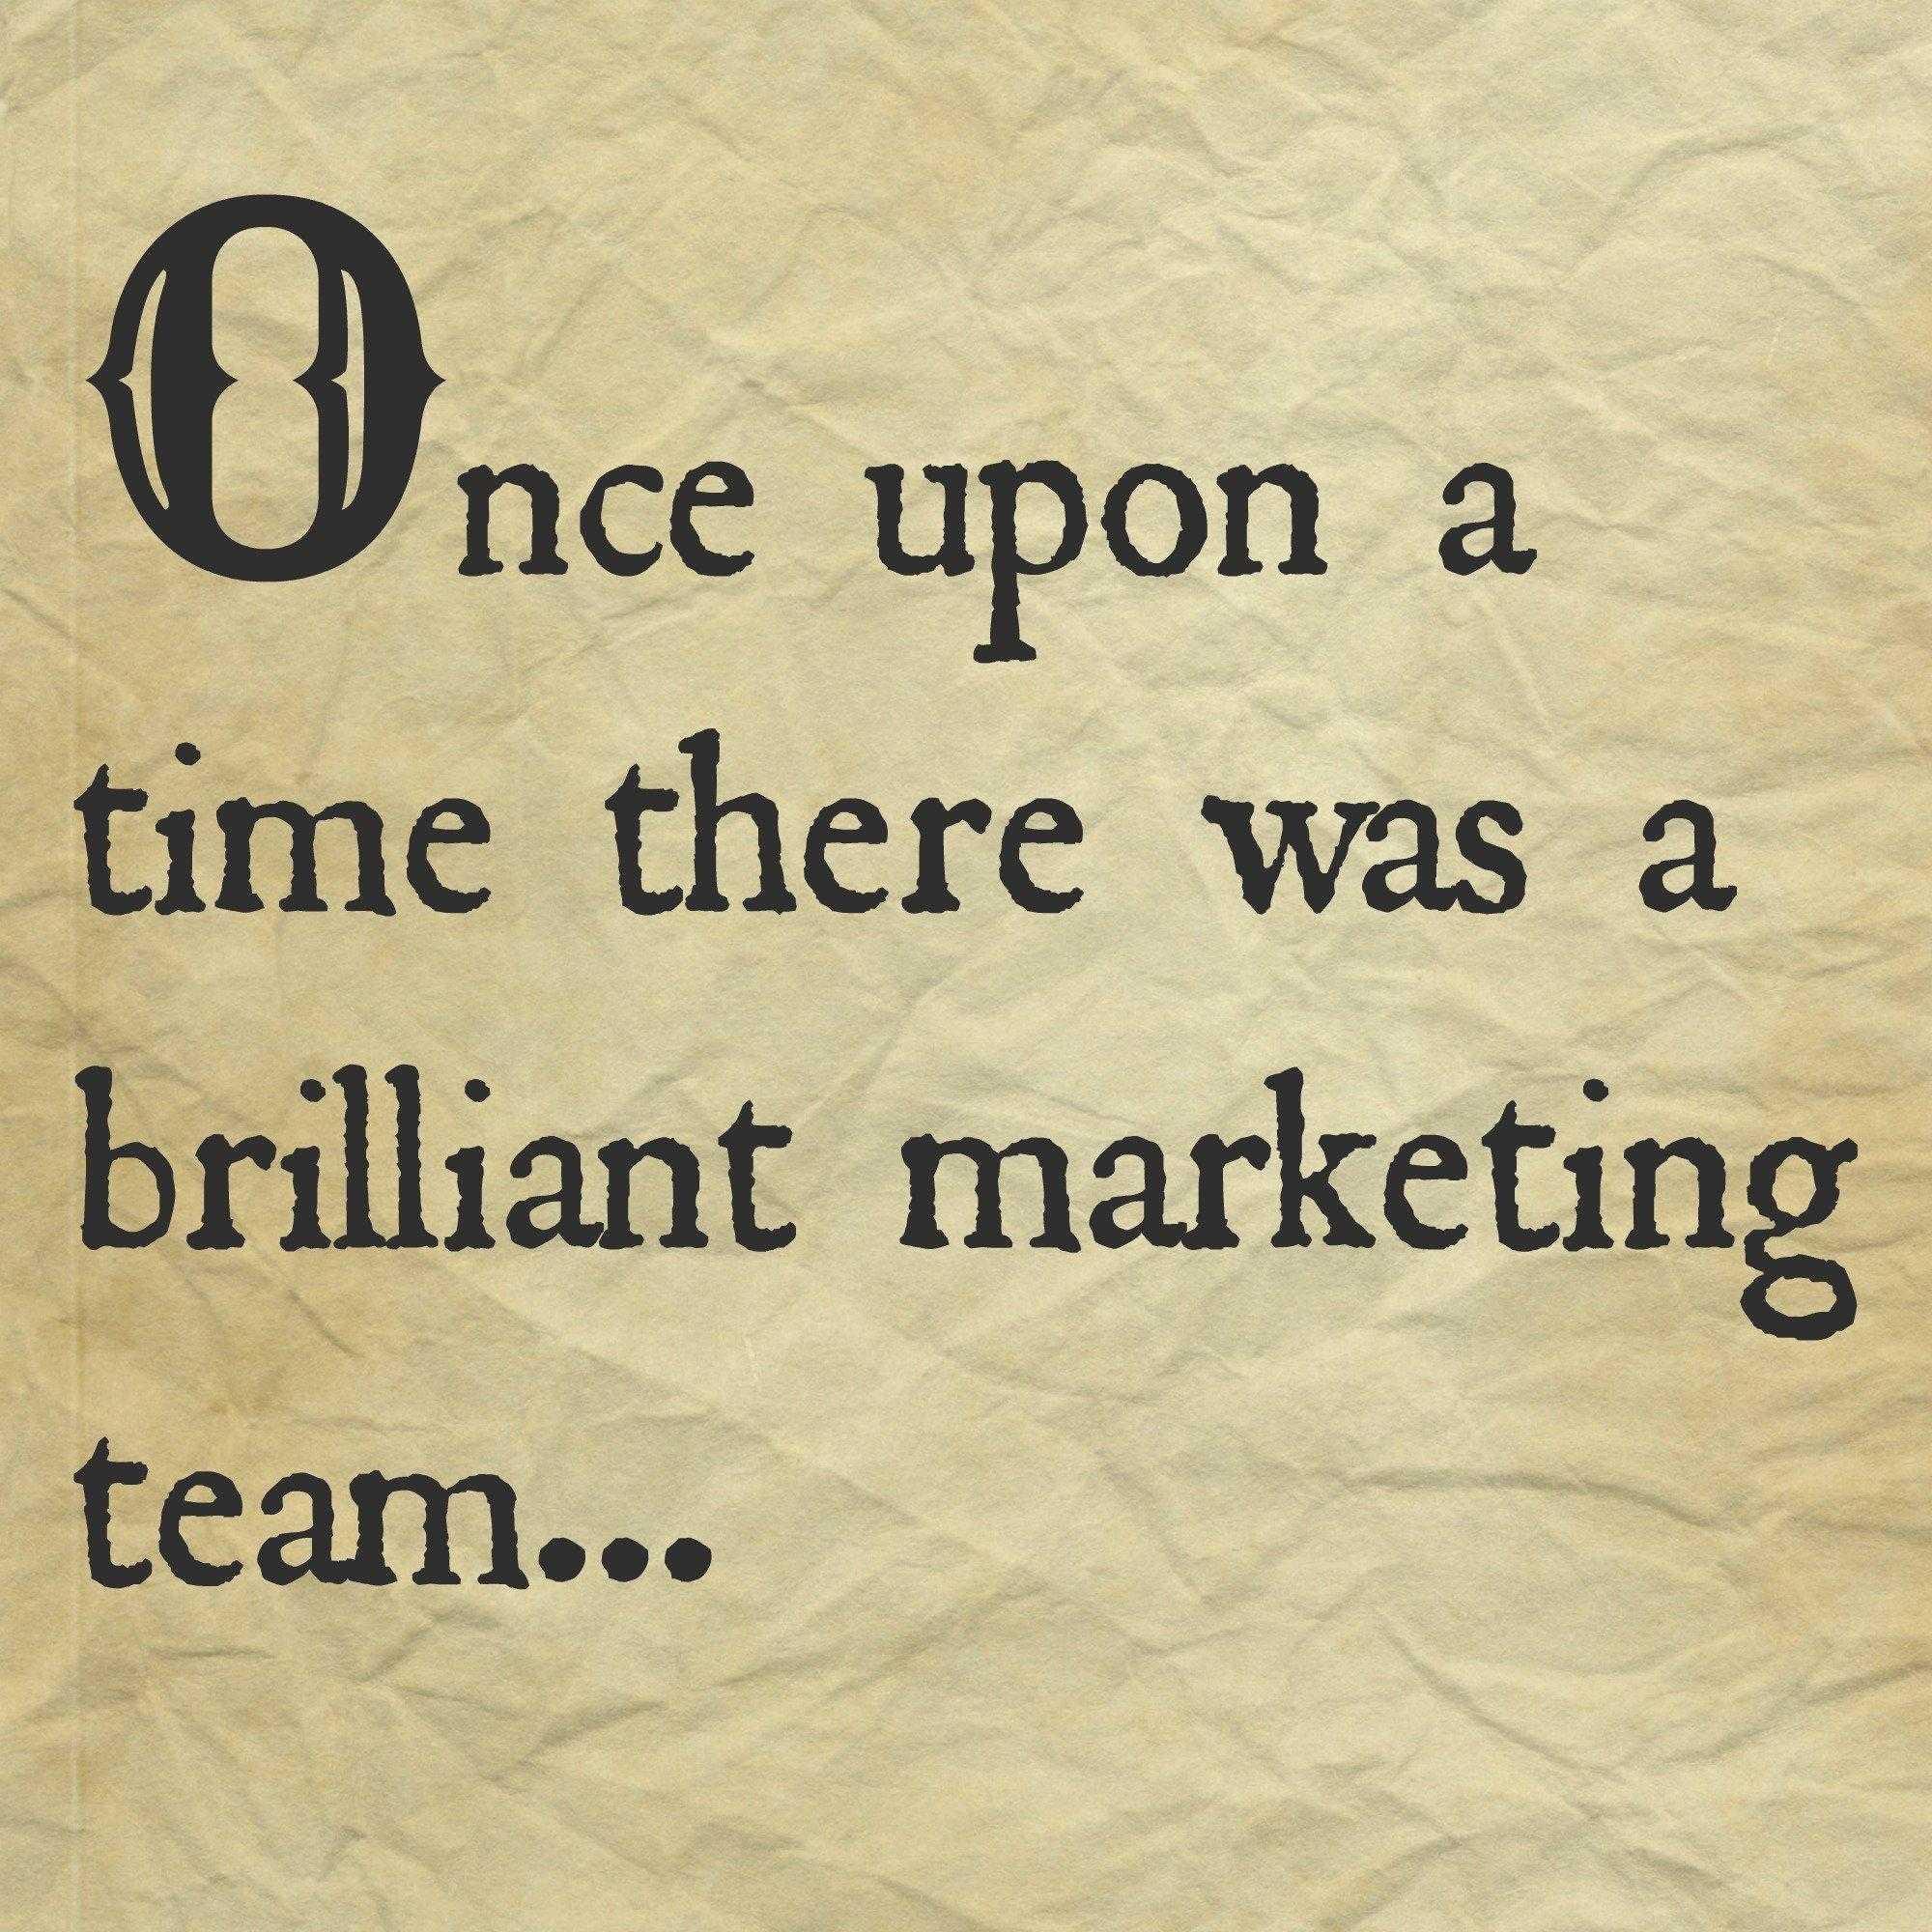 Lo storytelling è lo strumento giusto per creare brand value e battere la concorrenza